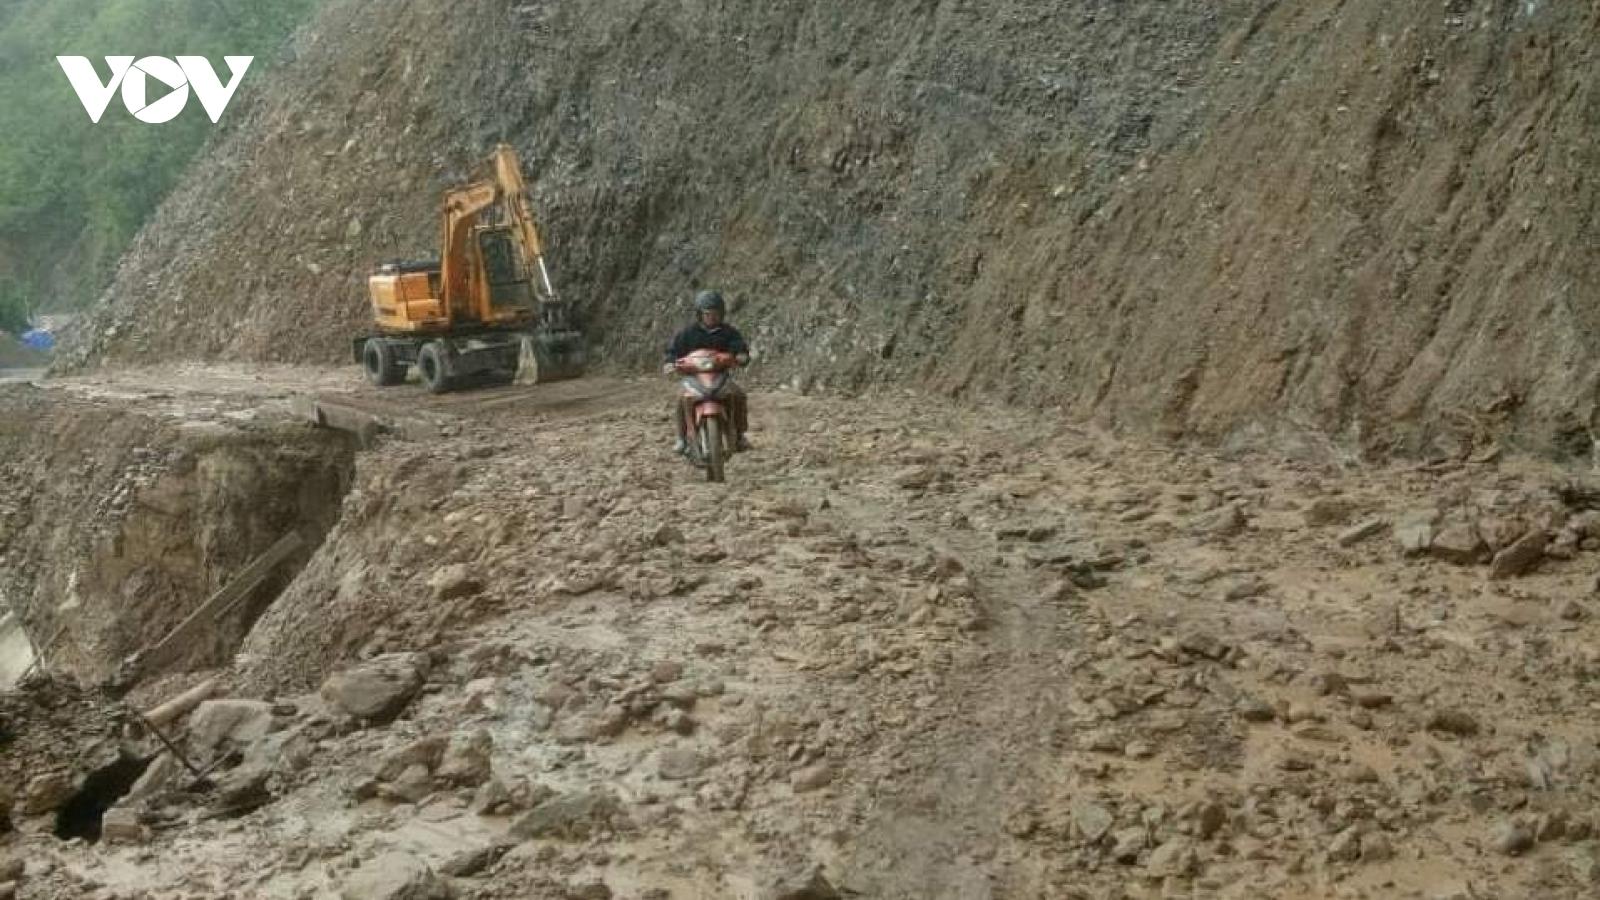 Mưa lớn tại Lai Châu gây sạt lở, ách tác giao thông trên tỉnh lộ 128